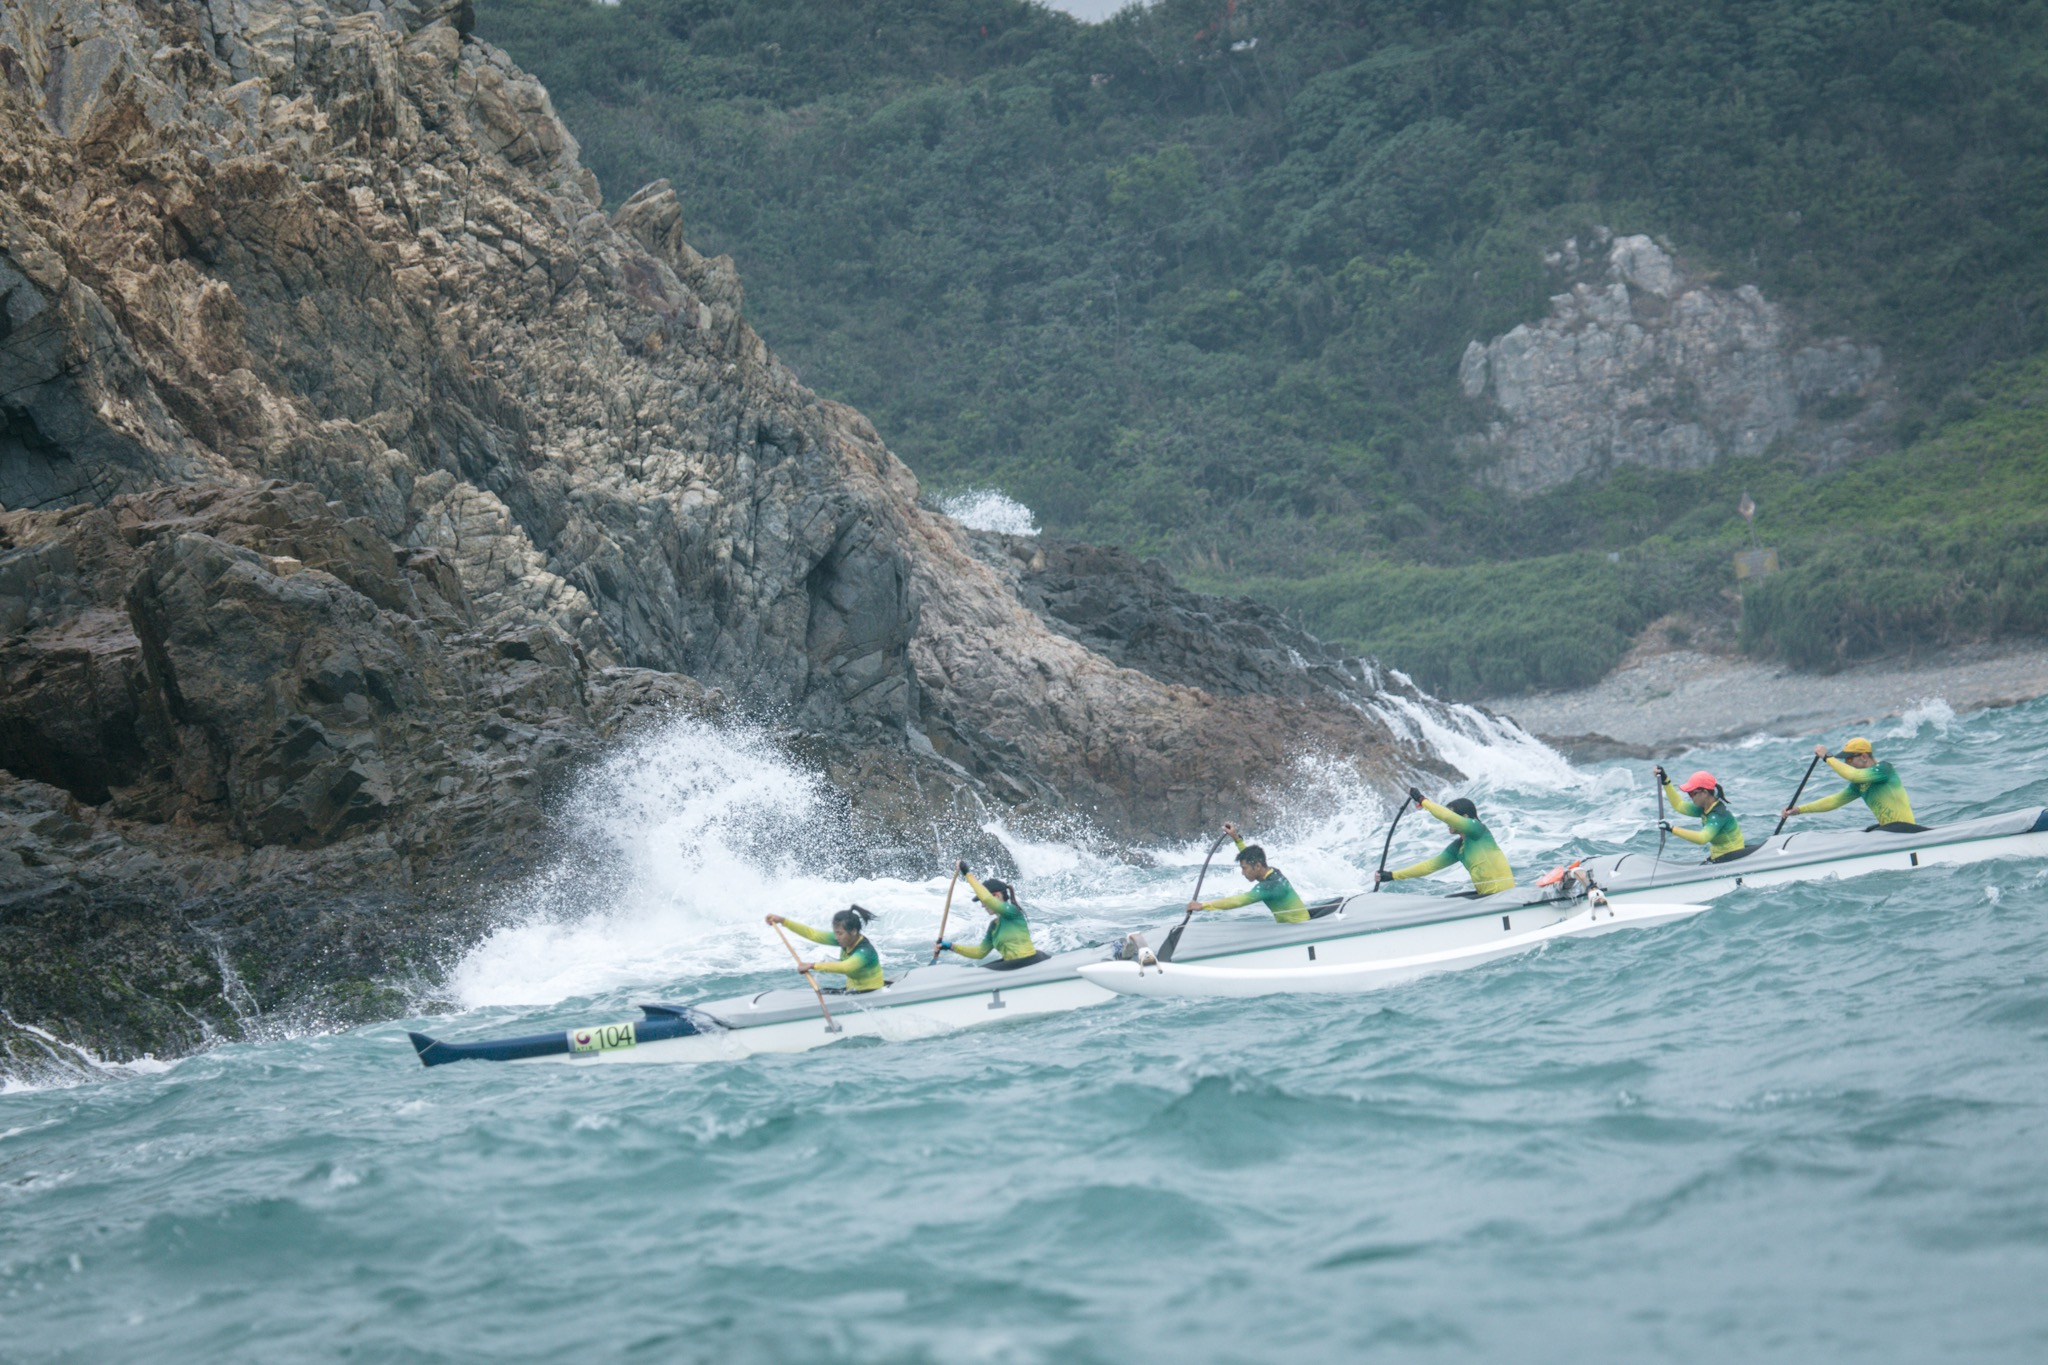 共廿六支來自香港、新加坡和美國夏威夷的勁旅,分成男子和混合等五個組別較量。 相片由公關提供